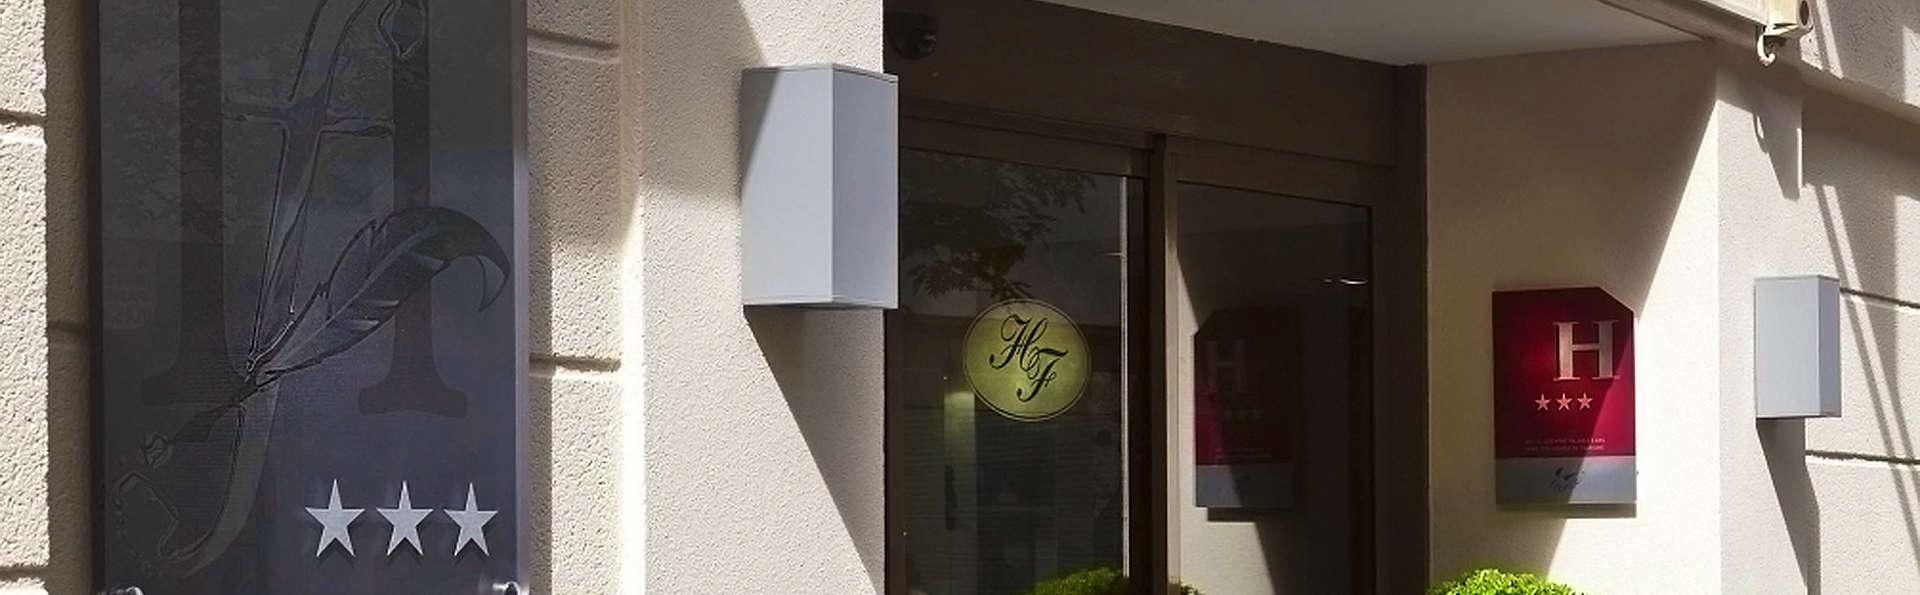 Hôtel Elysées Flaubert  - EDIT_Exterior.jpg